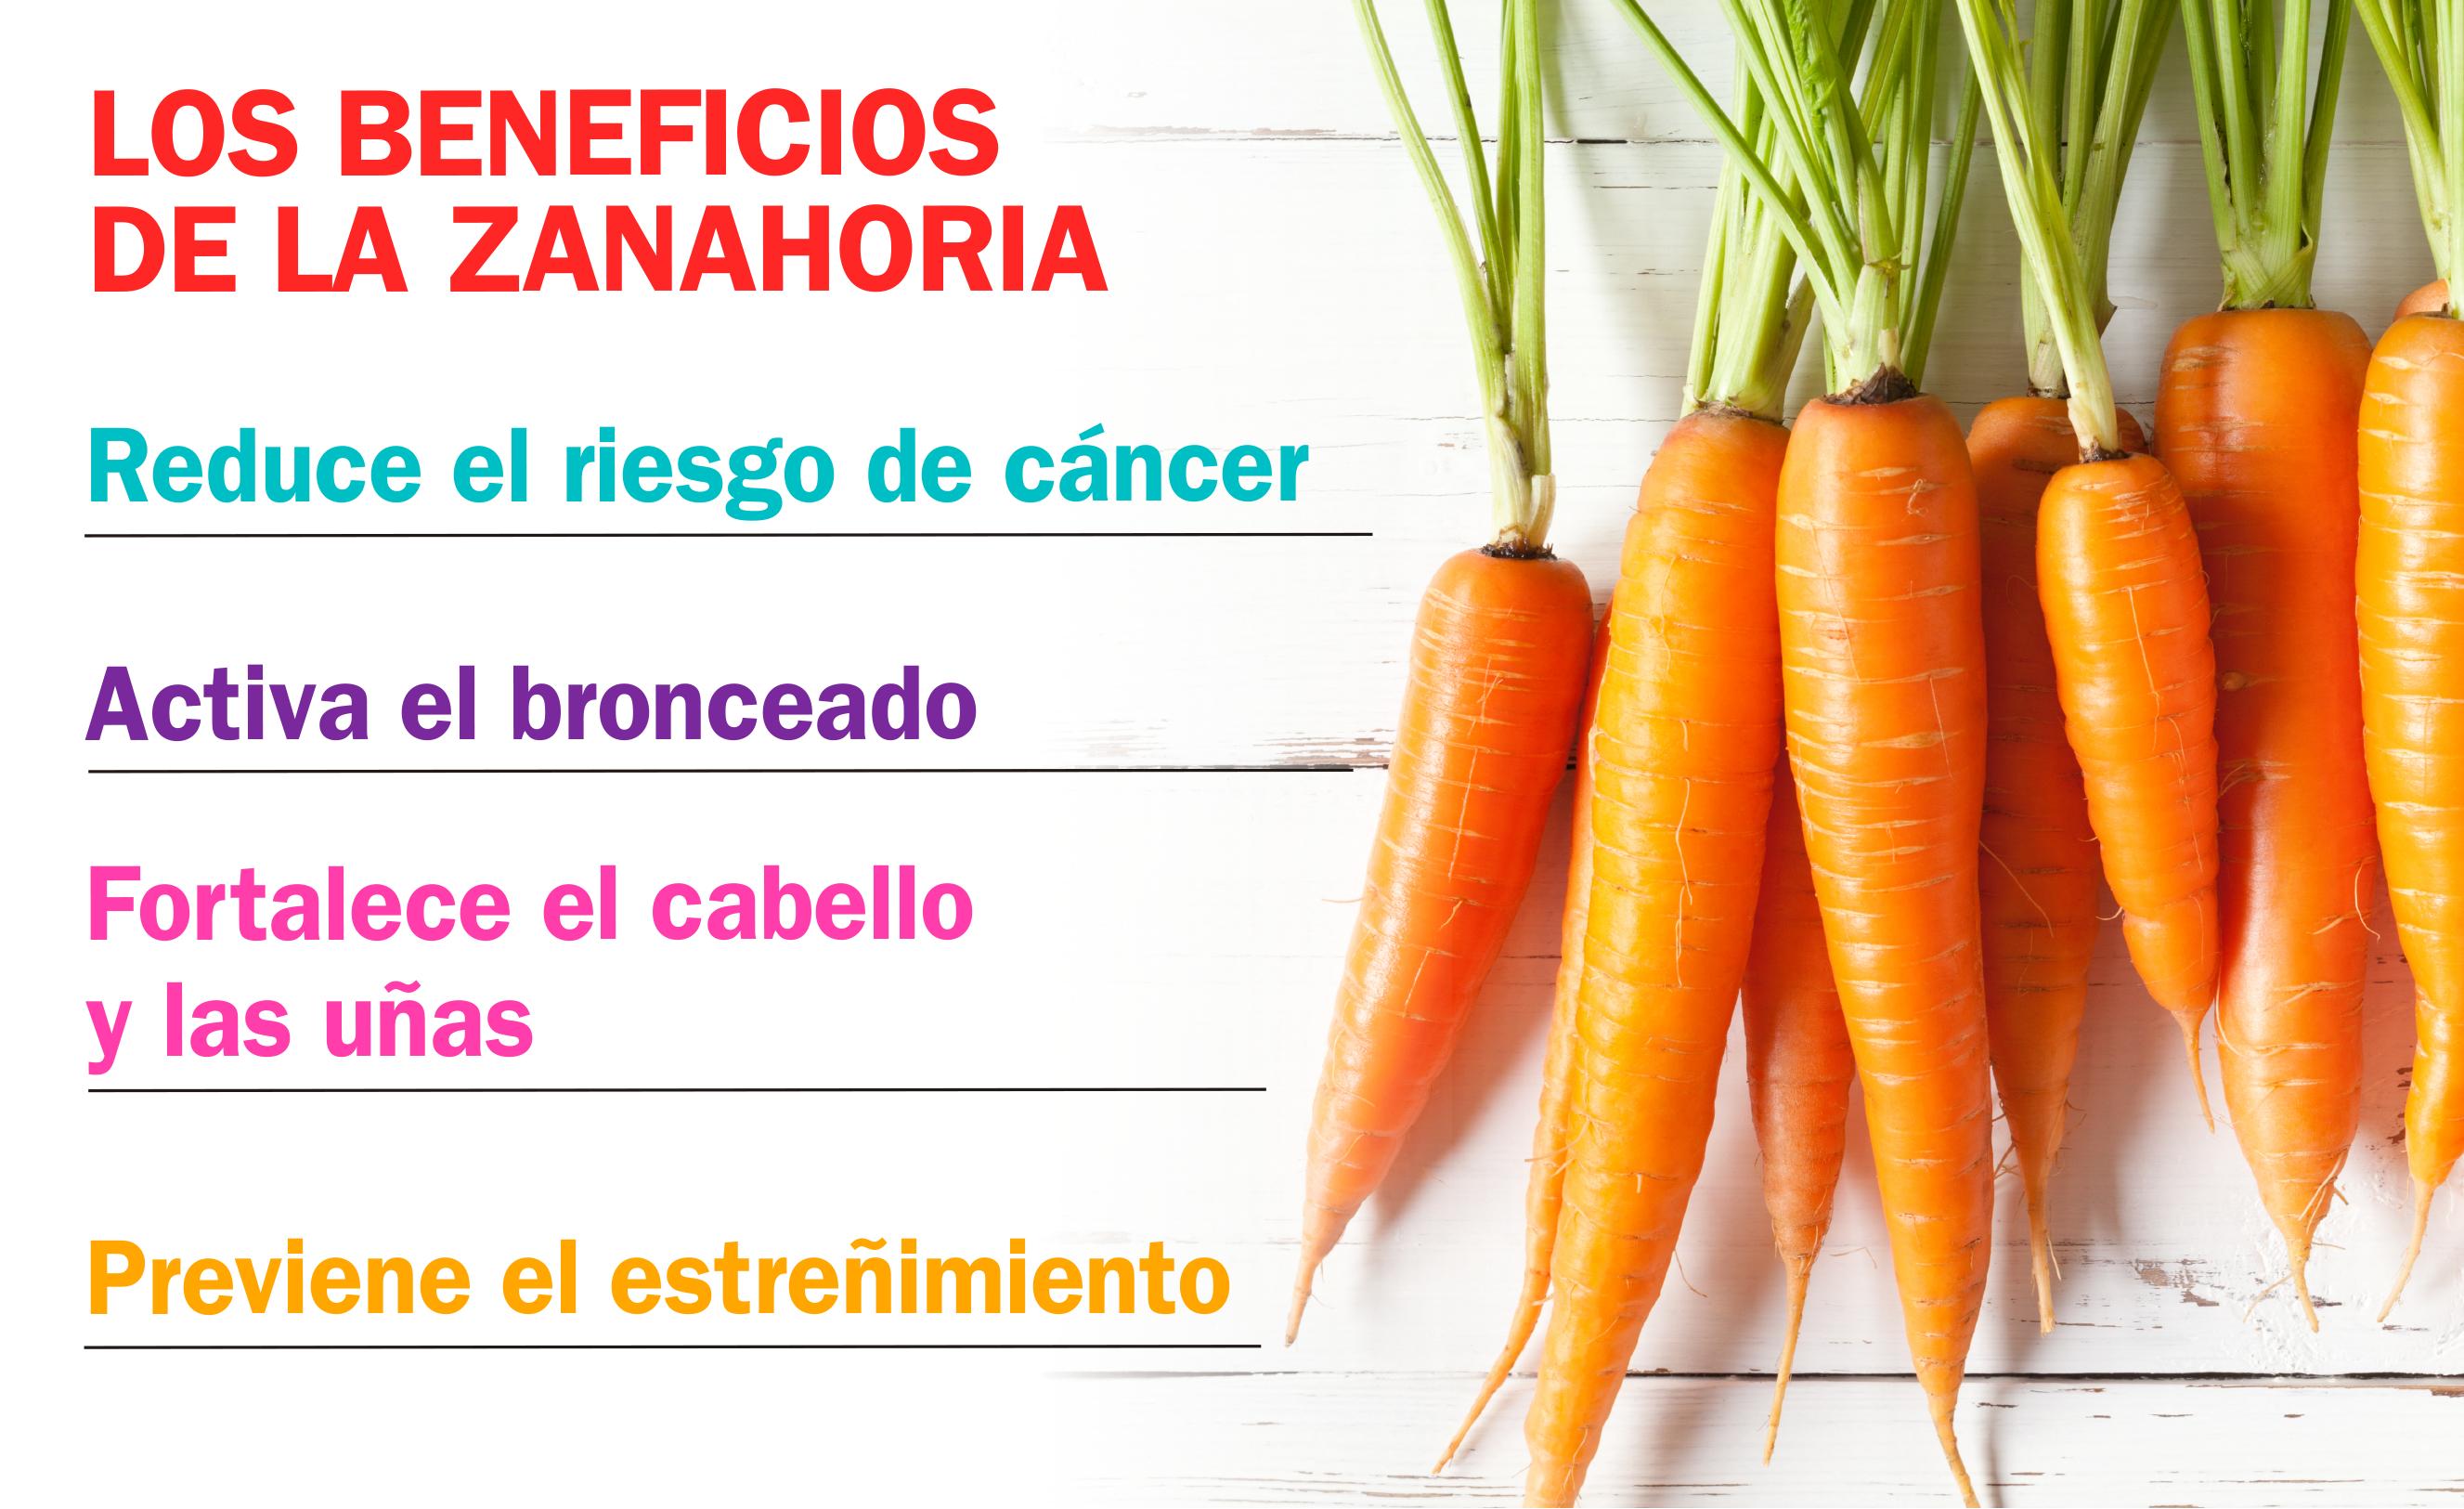 El Infografico Los Beneficios De La Zanahoria Gracias a su alto contenido en potasio y fósforo, la zanahoria funciona como regeneradora de. los beneficios de la zanahoria